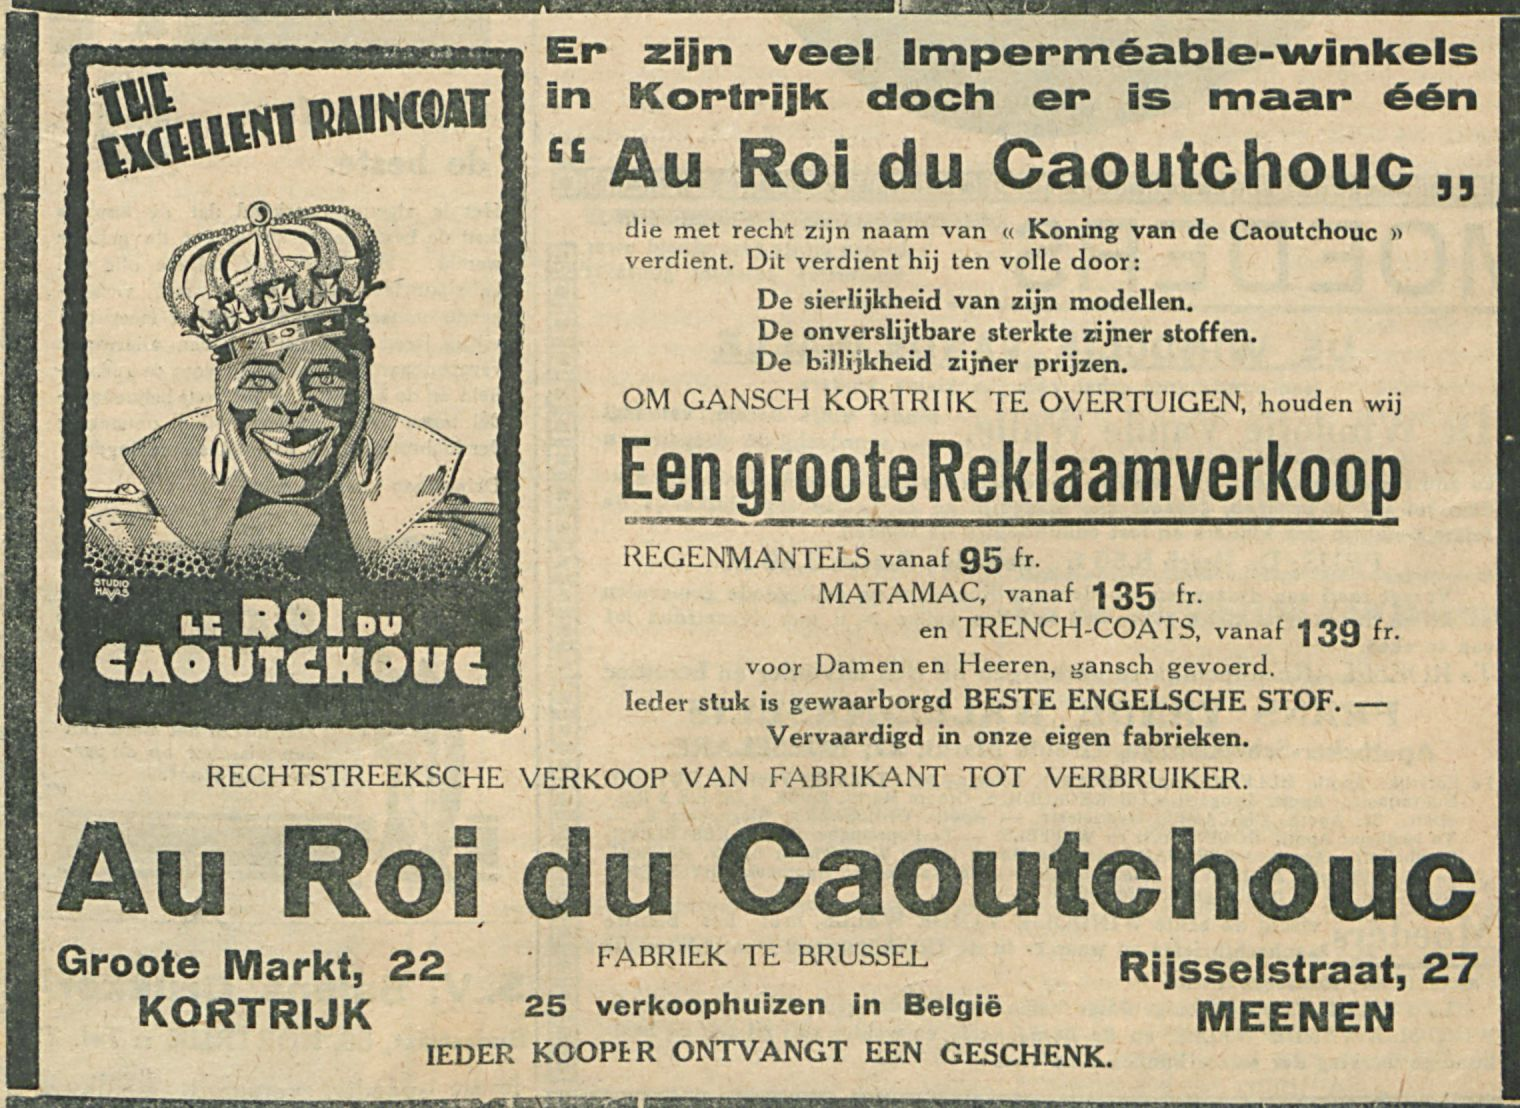 Au Roi du Caoutchouc